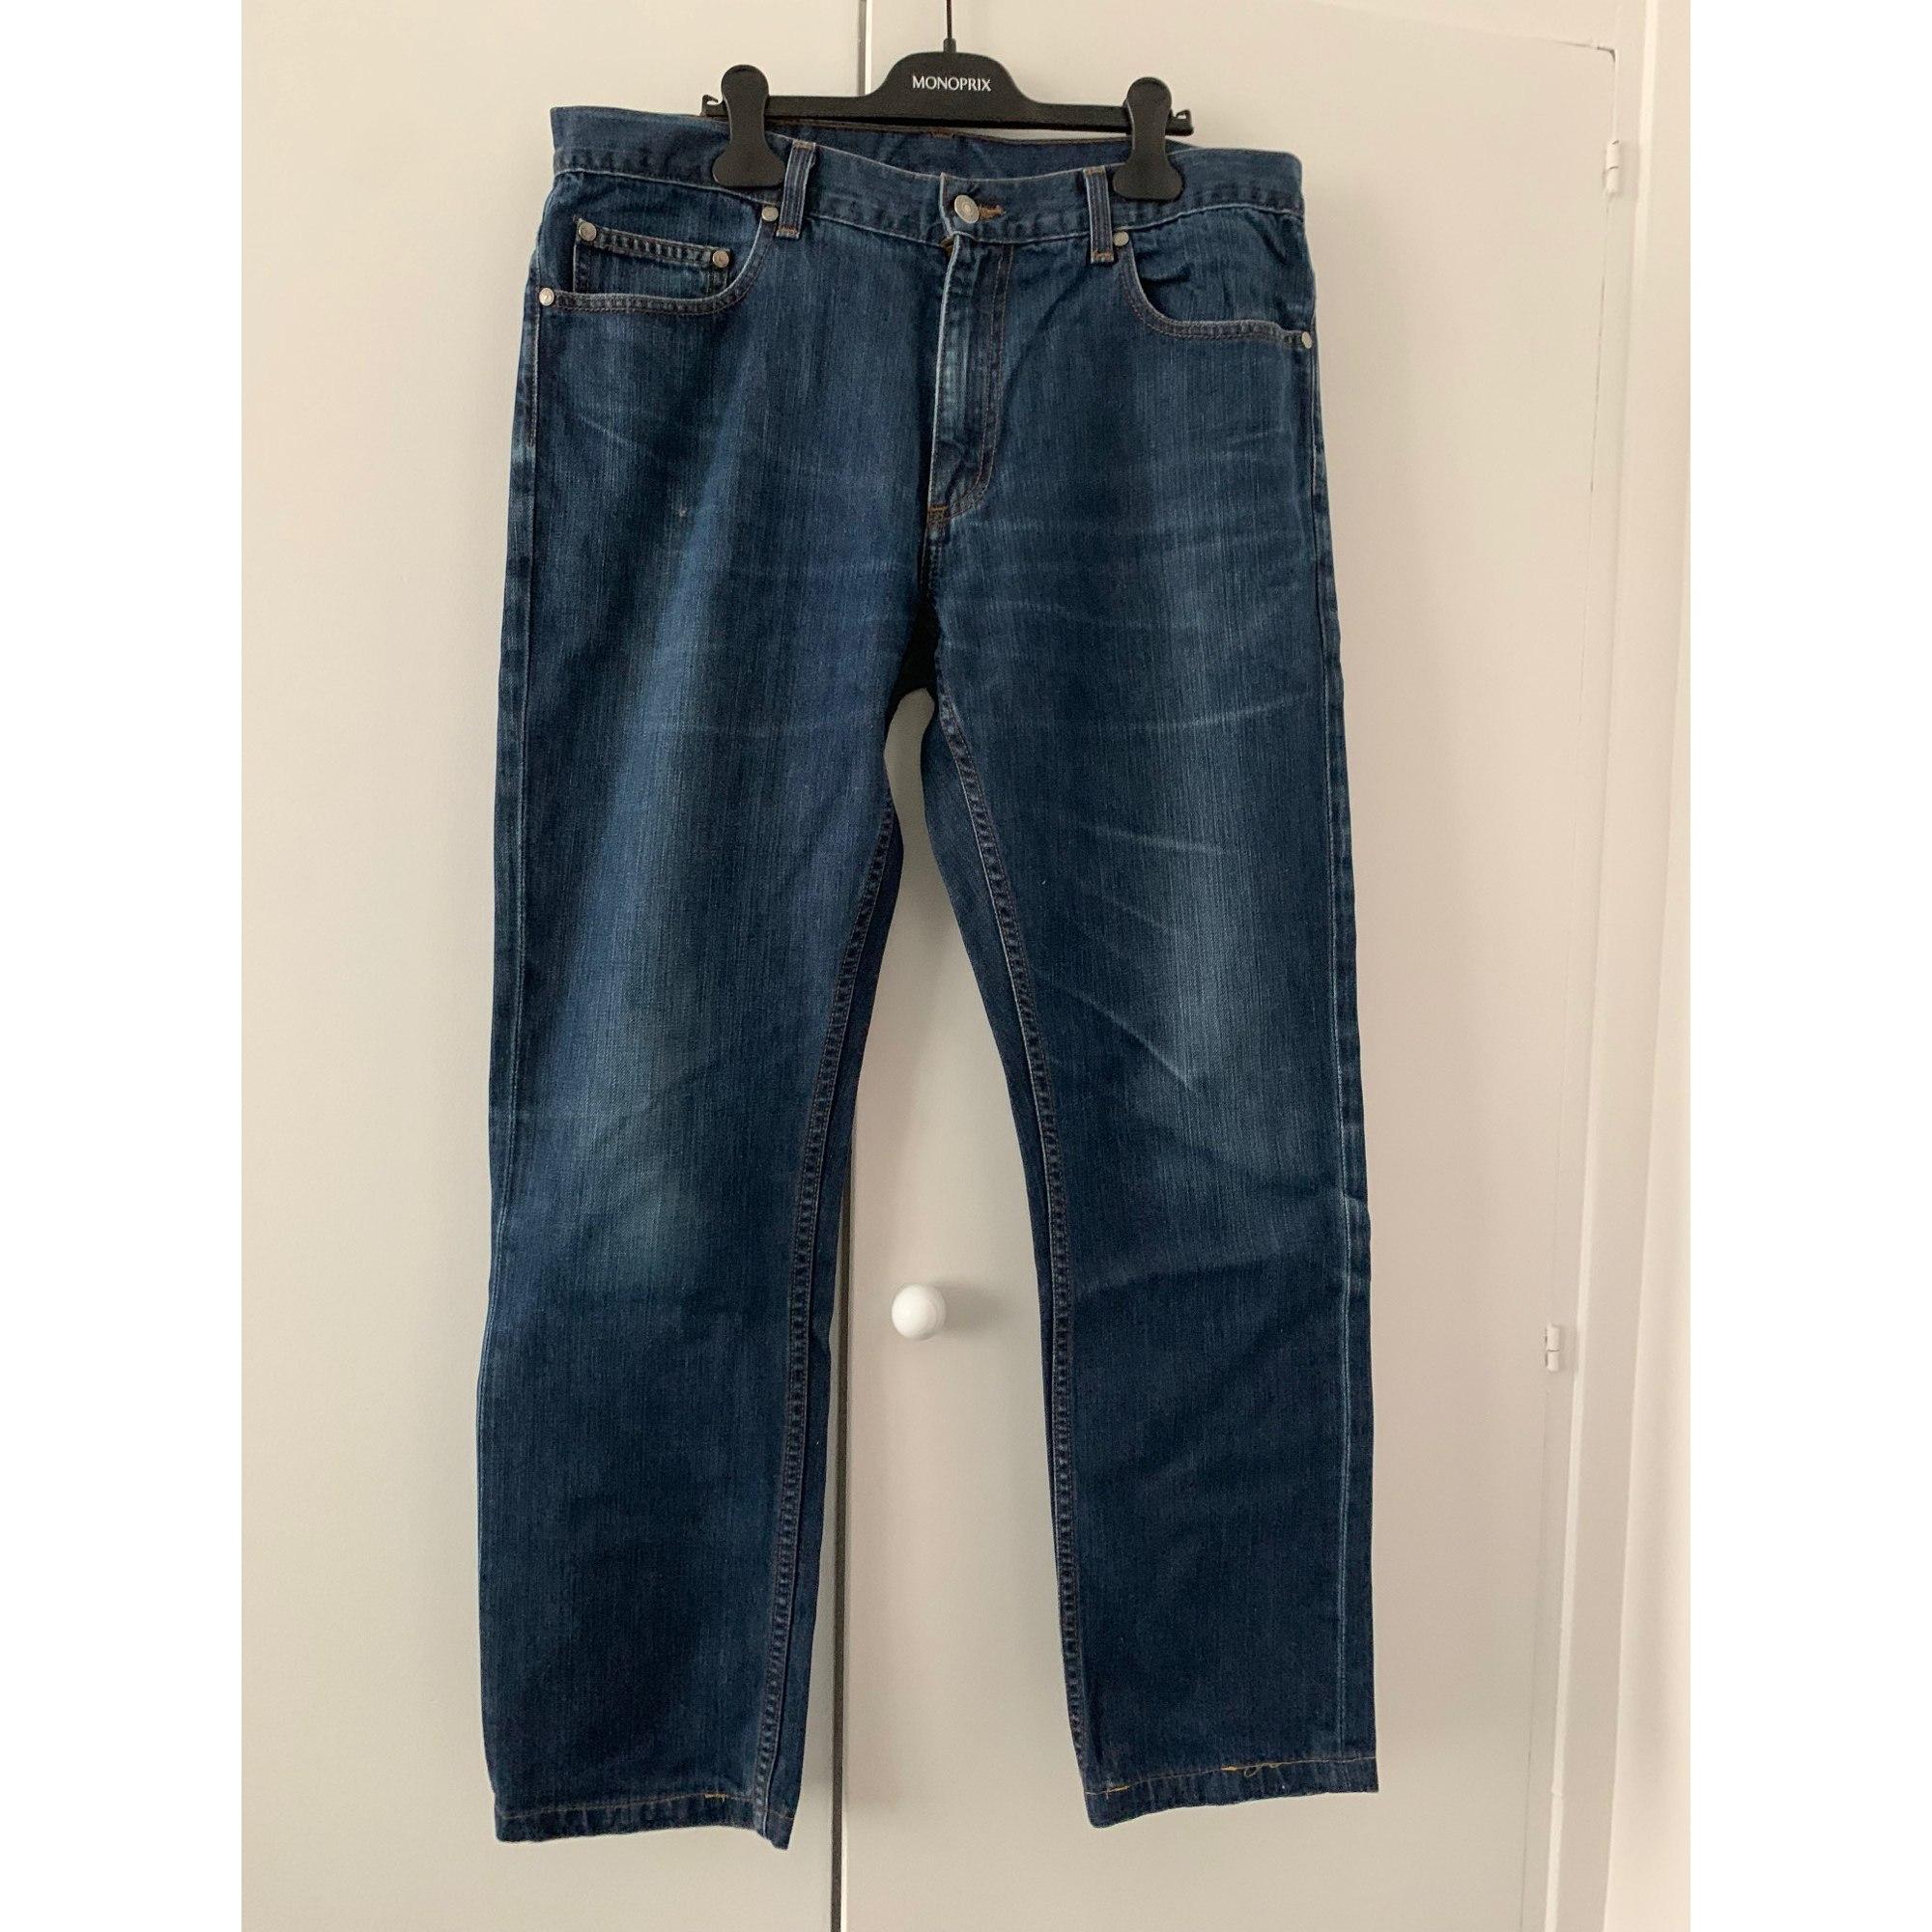 Pantalon droit BROOKS BROTHERS Bleu, bleu marine, bleu turquoise